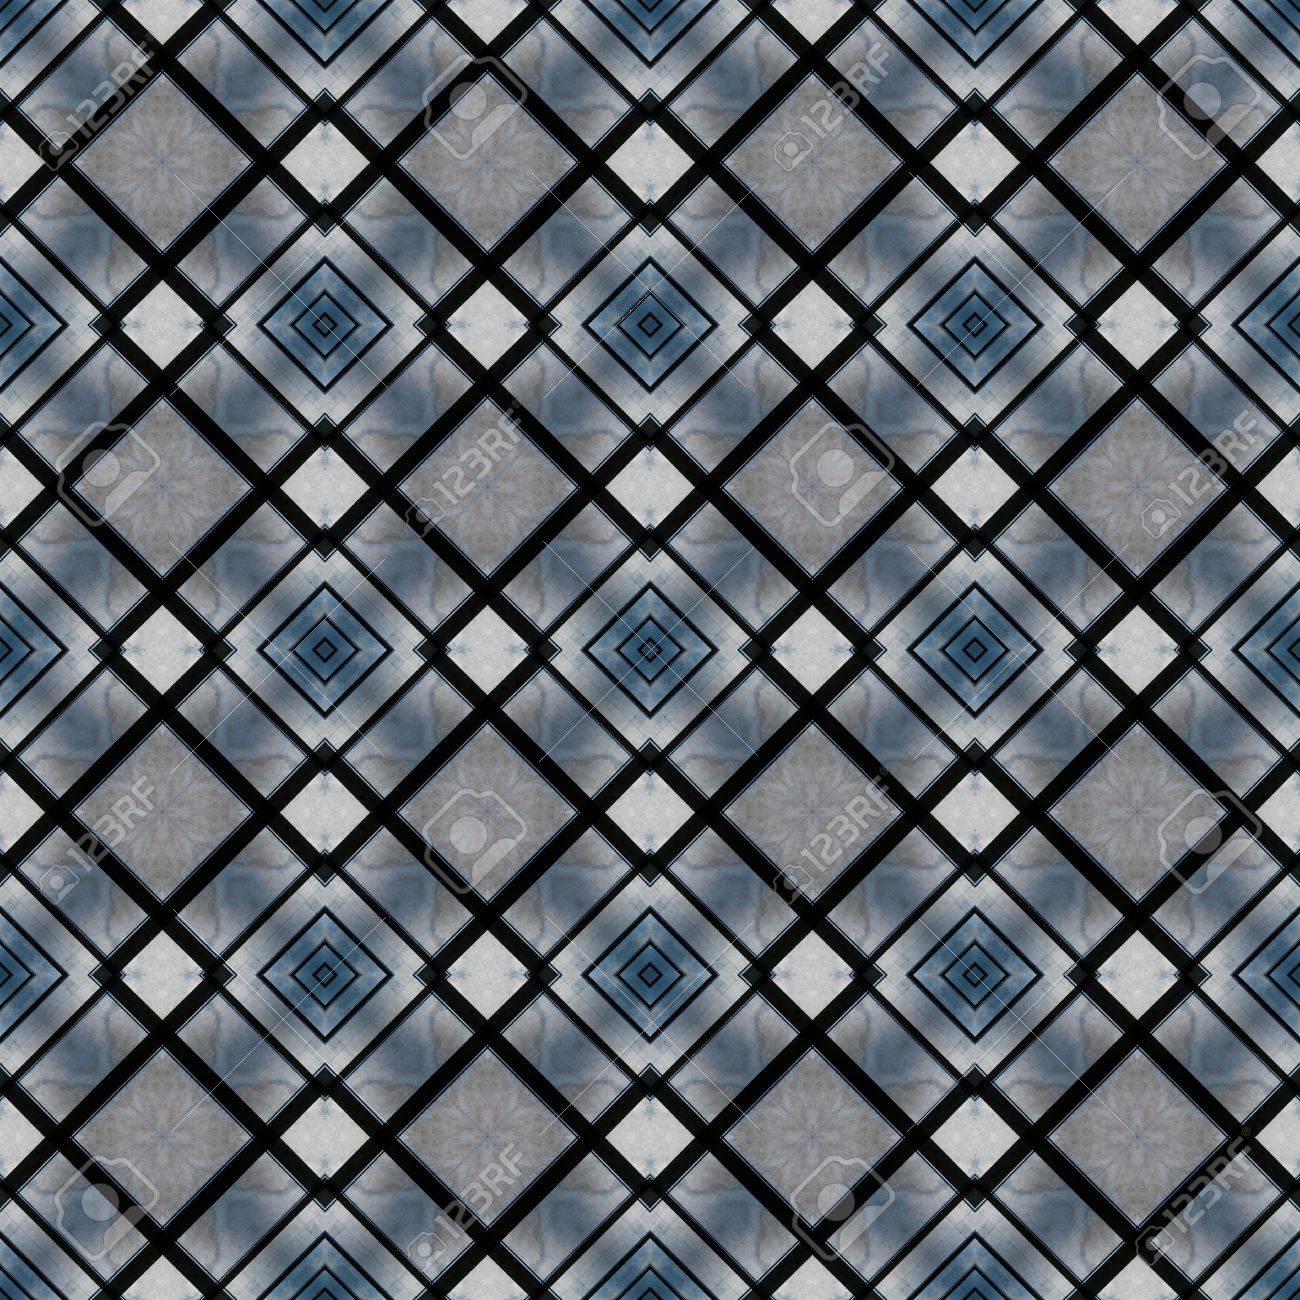 Résumé Motif Géométrique Dans Les Tons De Bleu Avec Un Sentiment De Marbre Peut être Utilisé Comme Fond D écran